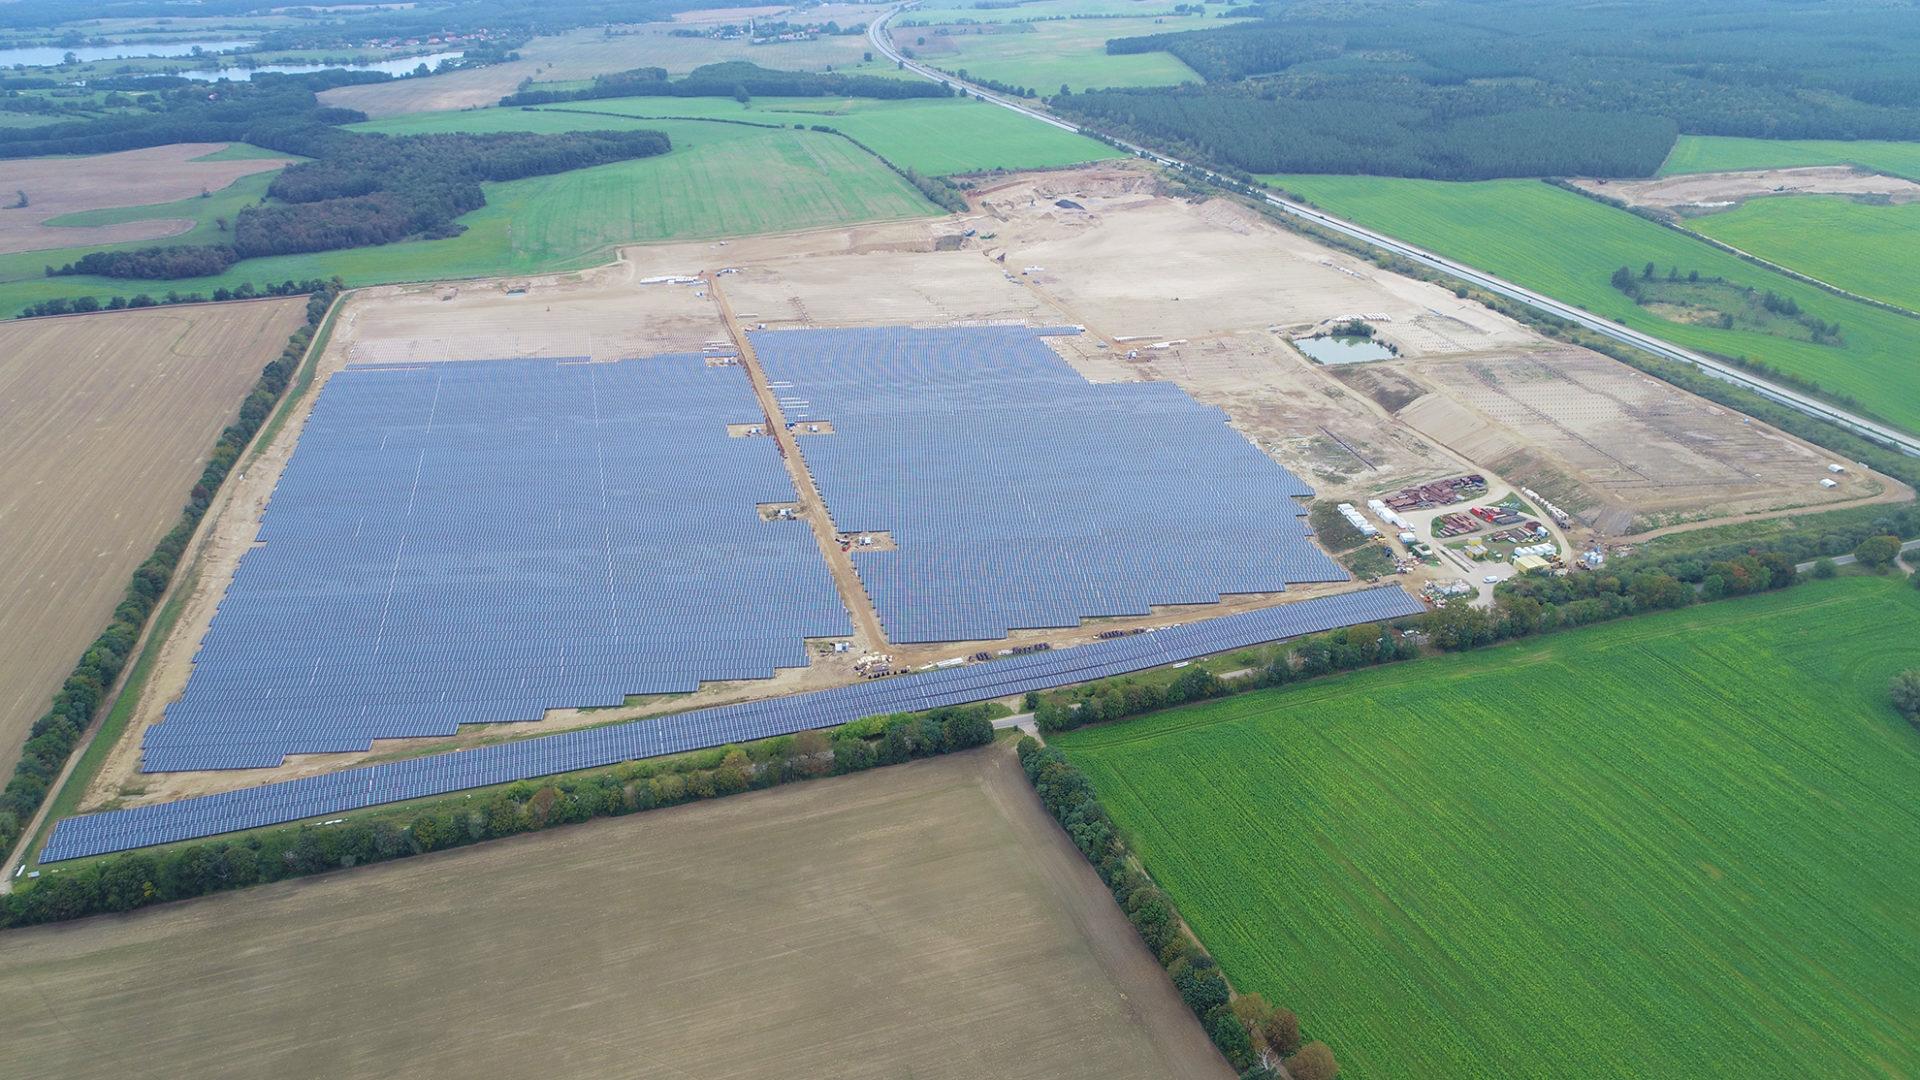 WEMAG-Solarparks Zietlitz